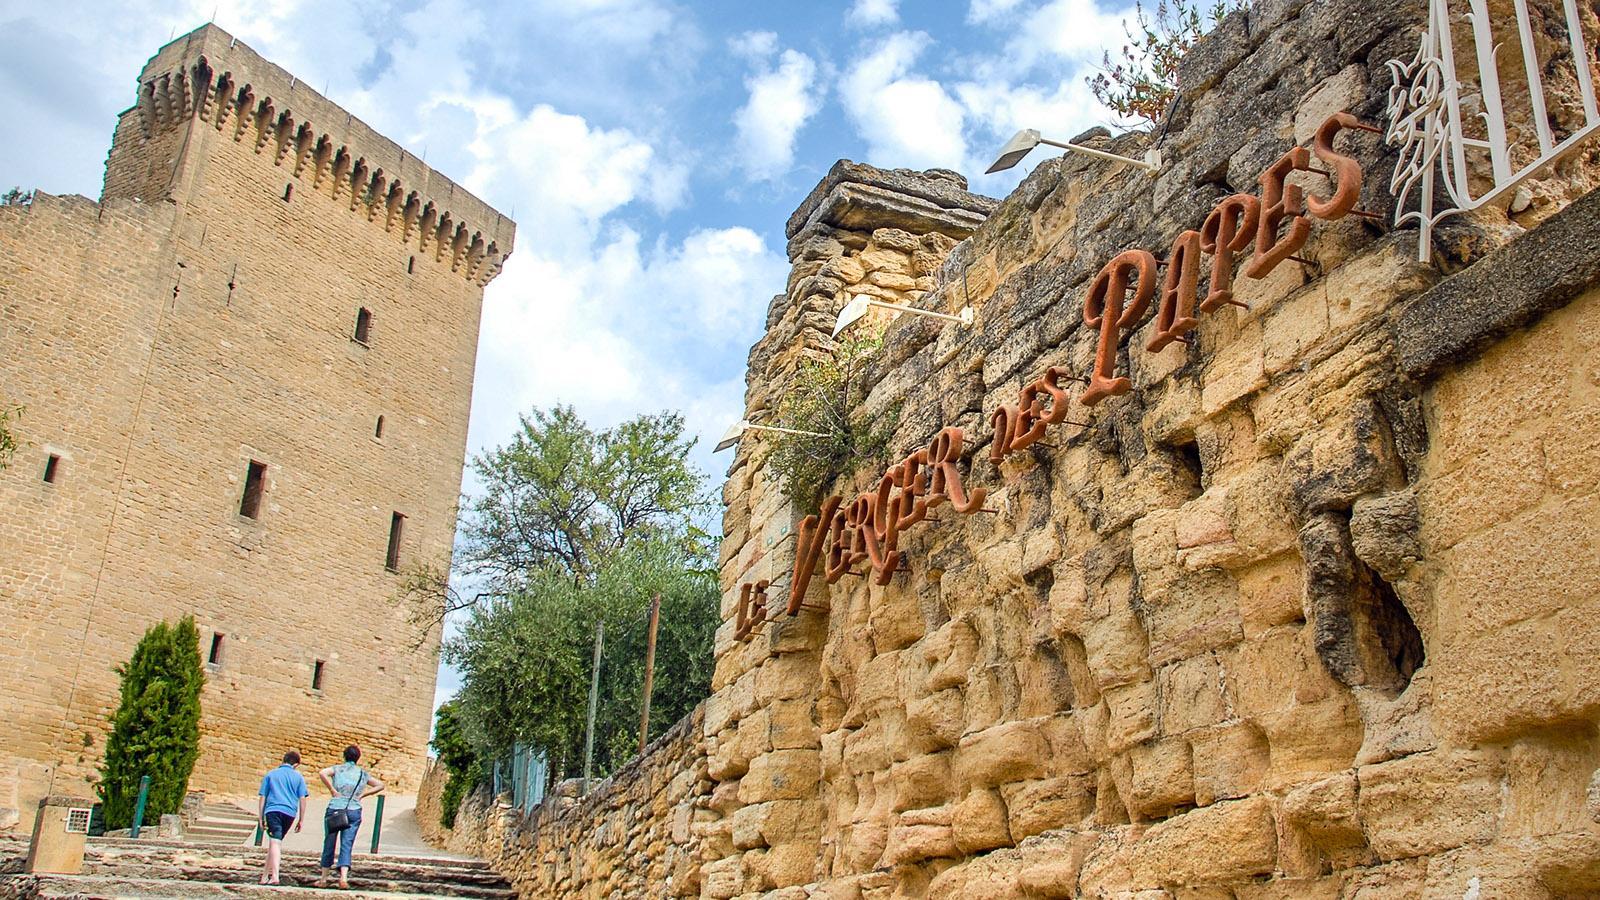 Châteauneuf-du-Pape: Ruine des Schlosses der Päpste von Avignon. Foto: Hilke Maunder